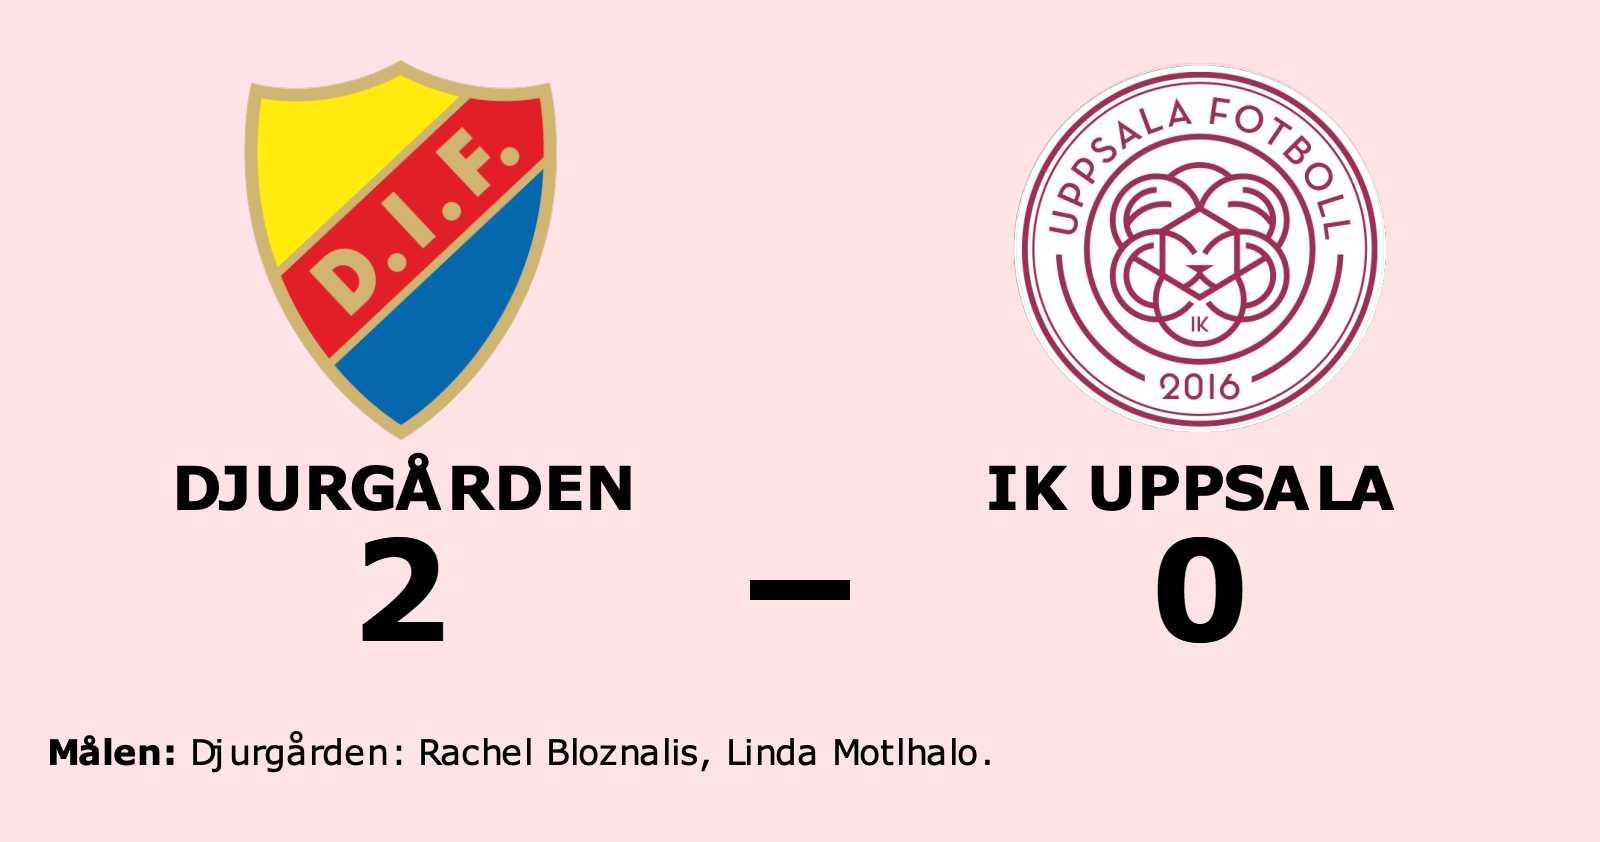 Rachel Bloznalis och Linda Motlhalo matchvinnare när Djurgården vann